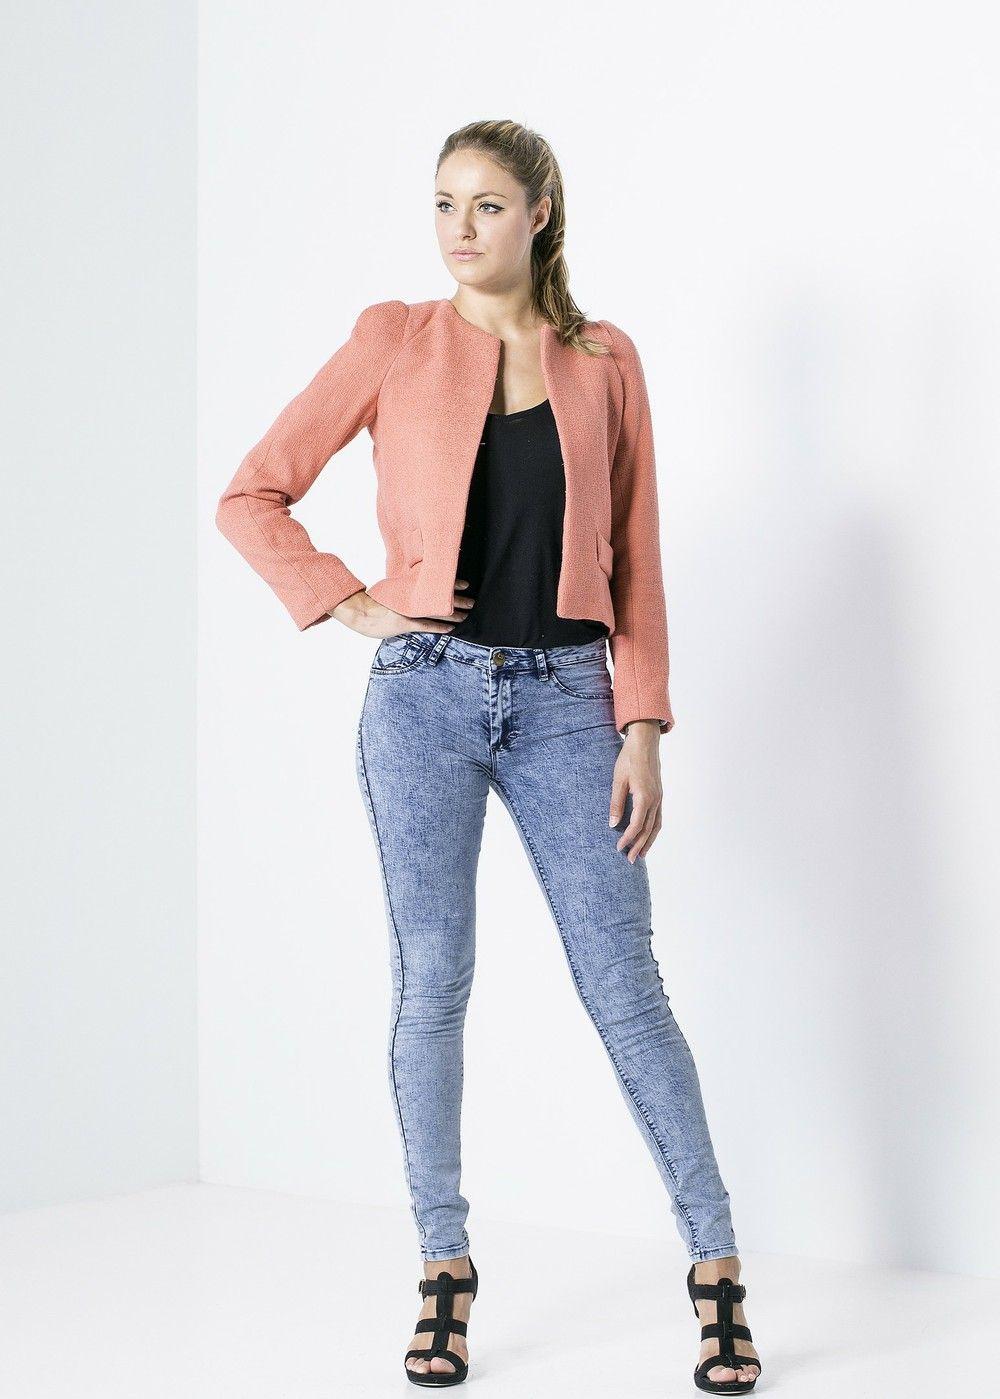 VESTE TISSU STRUCTURÉ via creationbiijoux123. Click on the image to see more!e-shop http://creationbiijoux123.tictail.com/ #ootd #outfit #coat #veste #mode #fashion #tenuedujour #tenue #creationbiijoux123 #pink